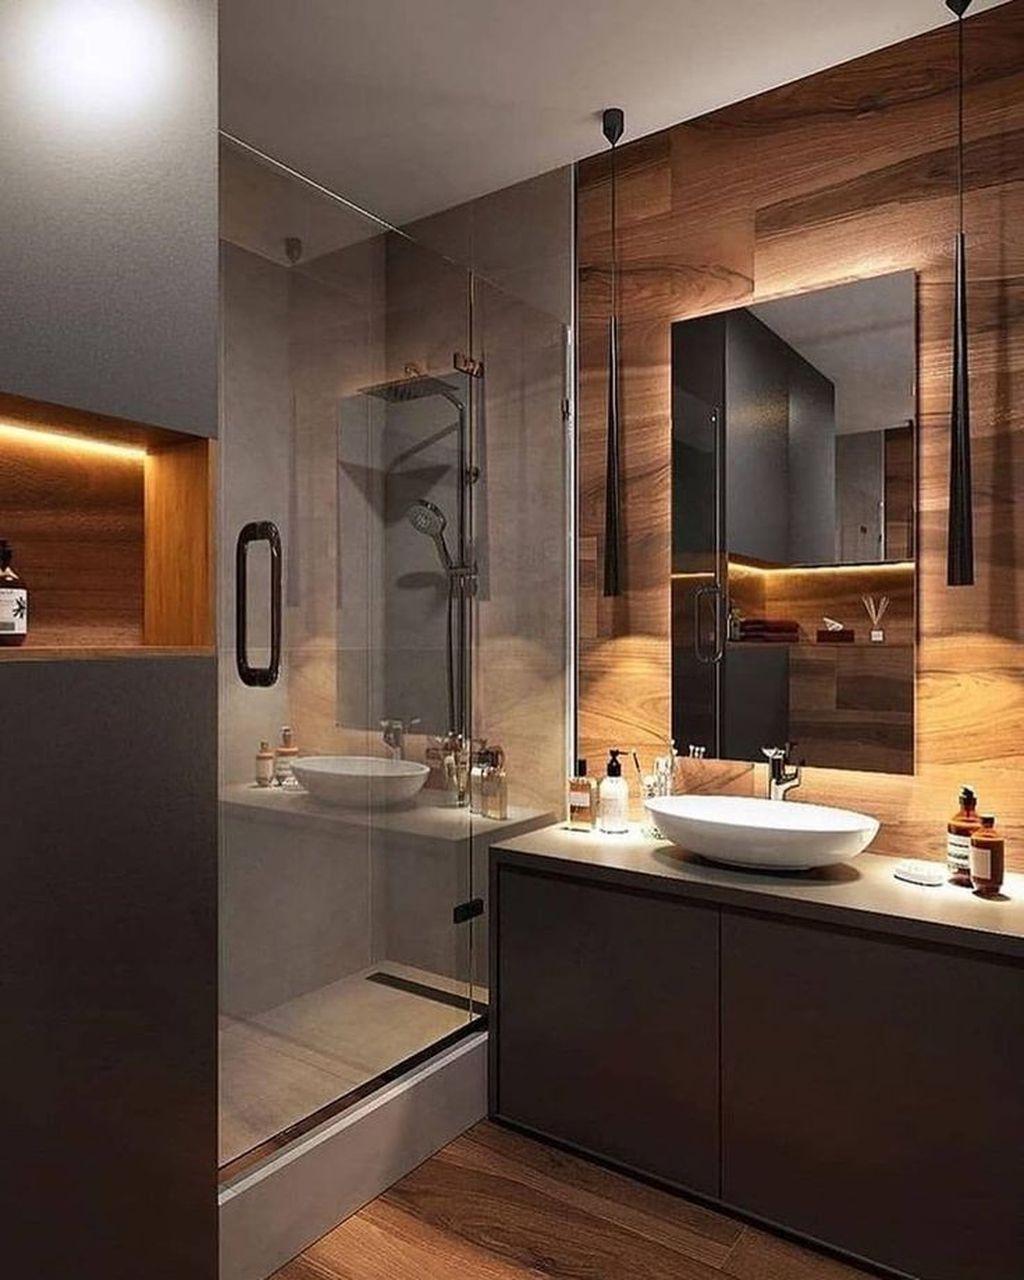 40 Adorable Wooden Bathroom Design Ideas For You Adorable